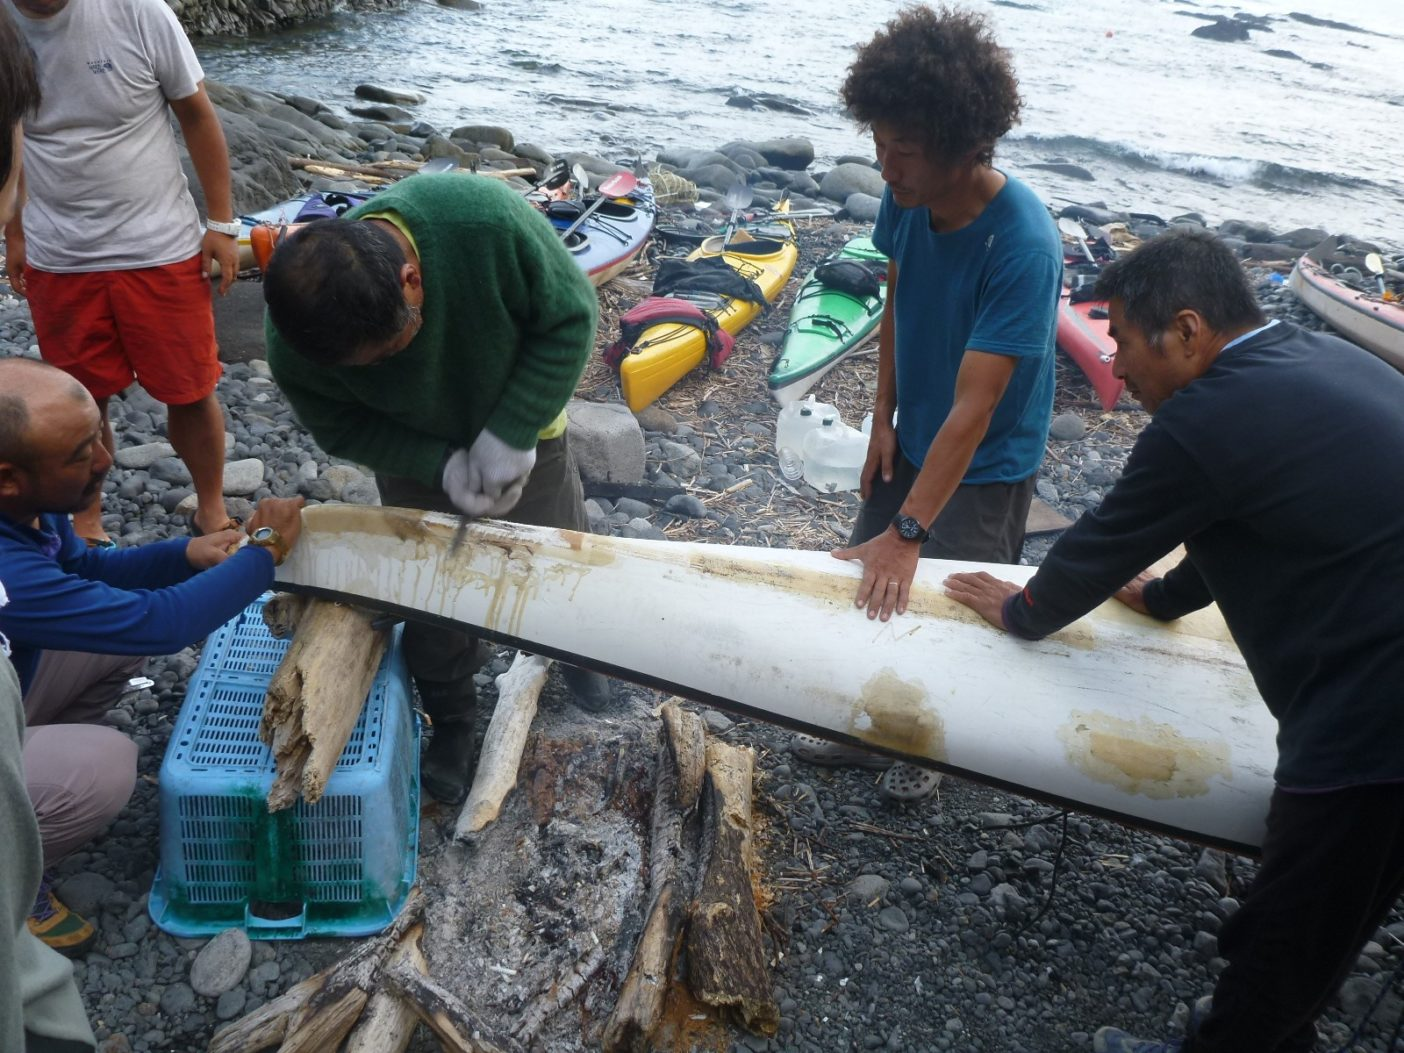 水野義弘氏(右端)が見守る修理作業。そして旅は続く。写真:神山知子